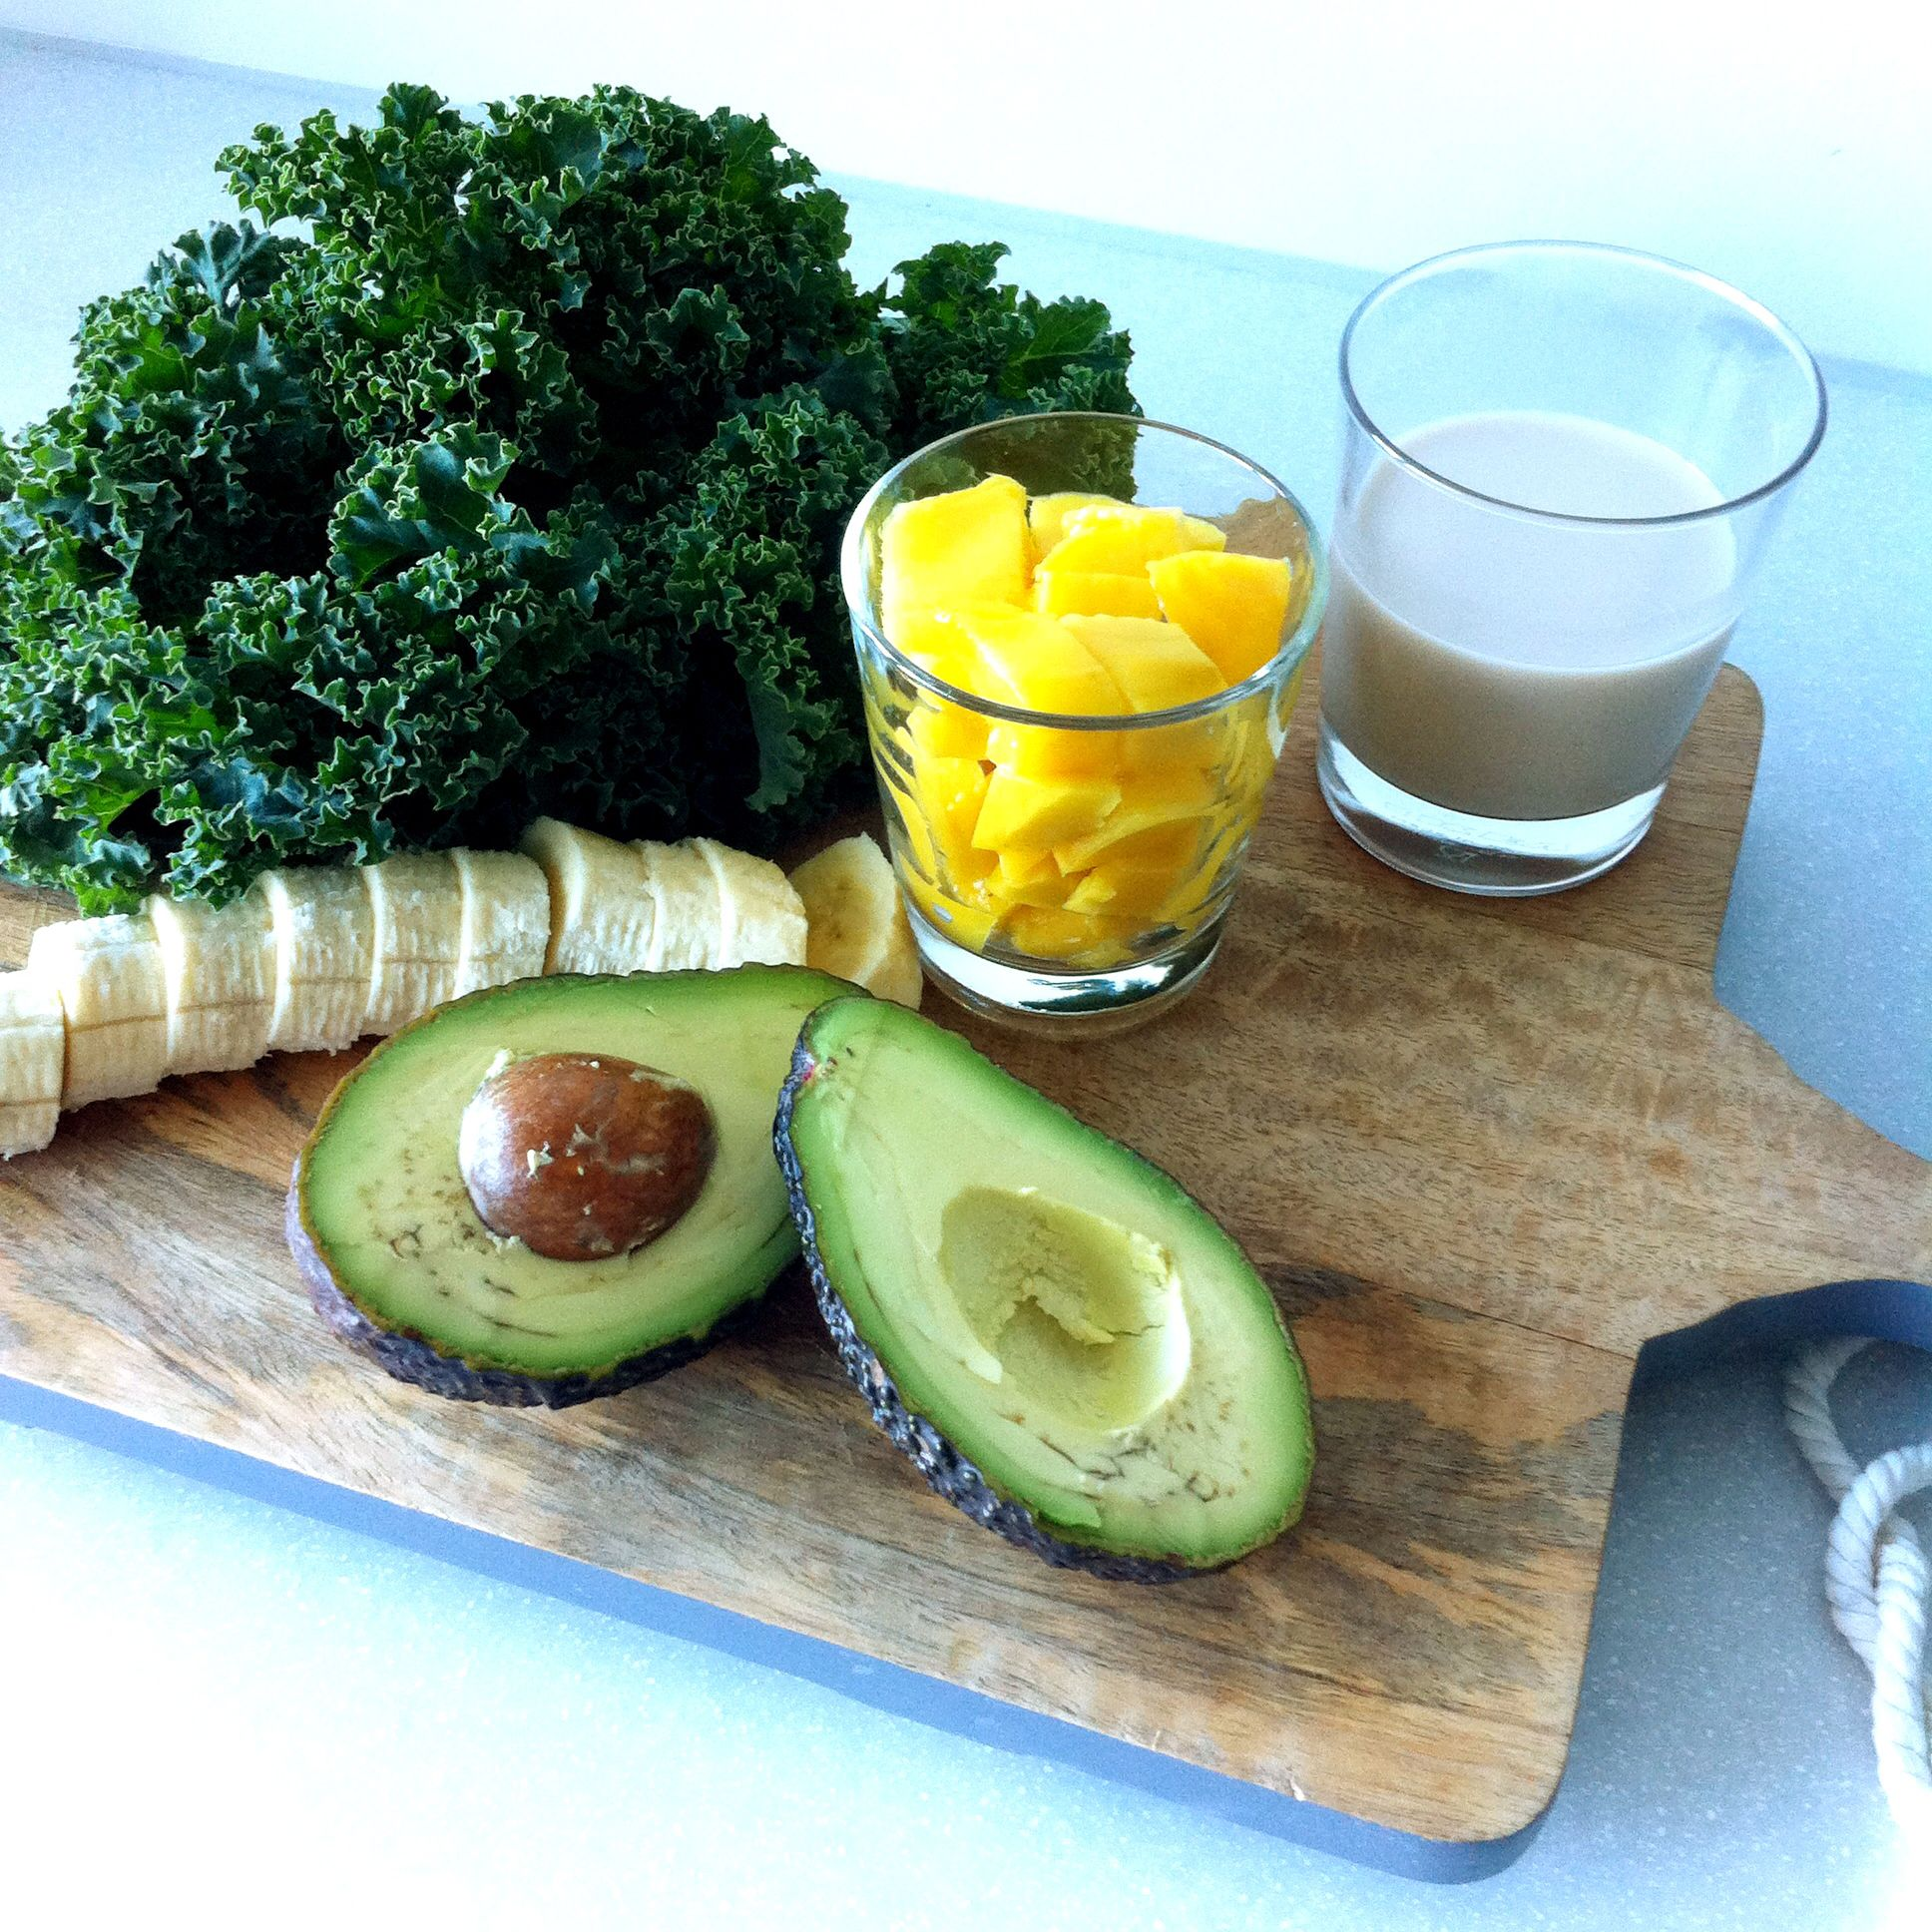 #smoothie #homemade - #kale #banana #avocado #mango #milk